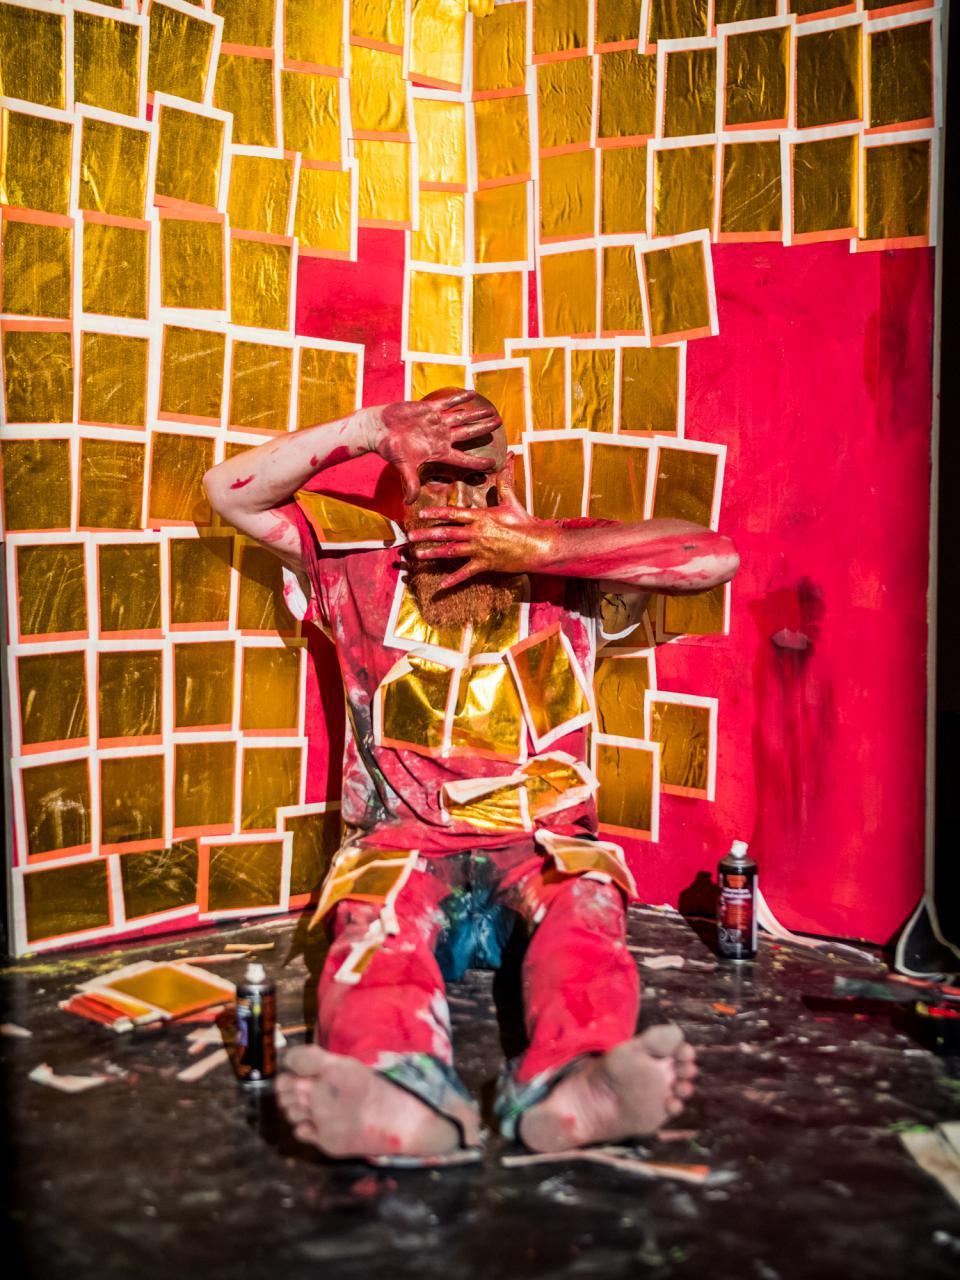 Live-Biennale-2017-Saman-Shariati-3.jpg